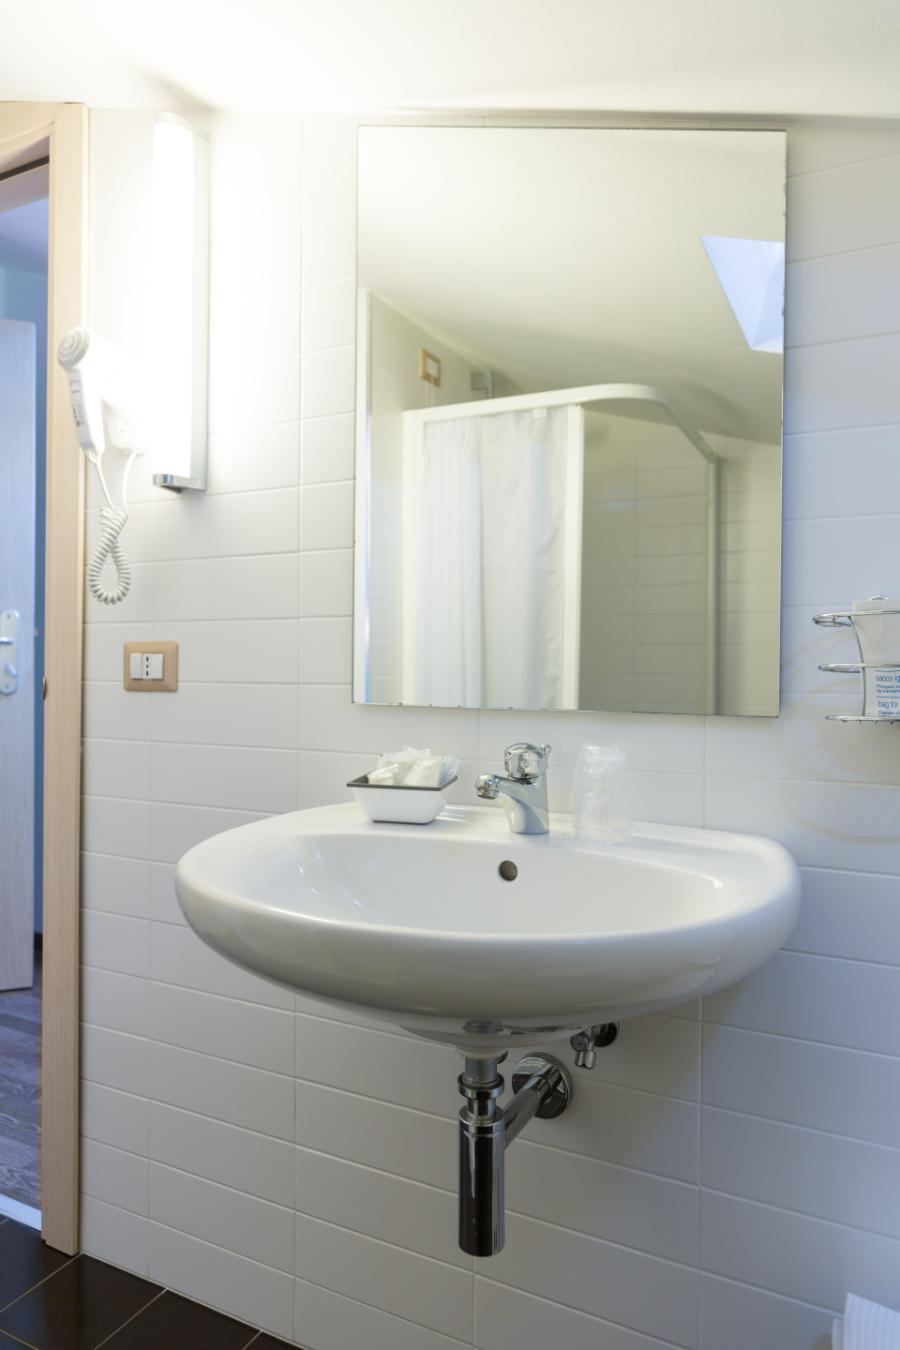 Miramare Hotel Matrimoniale Doppia Camera Economy 23 Bagno